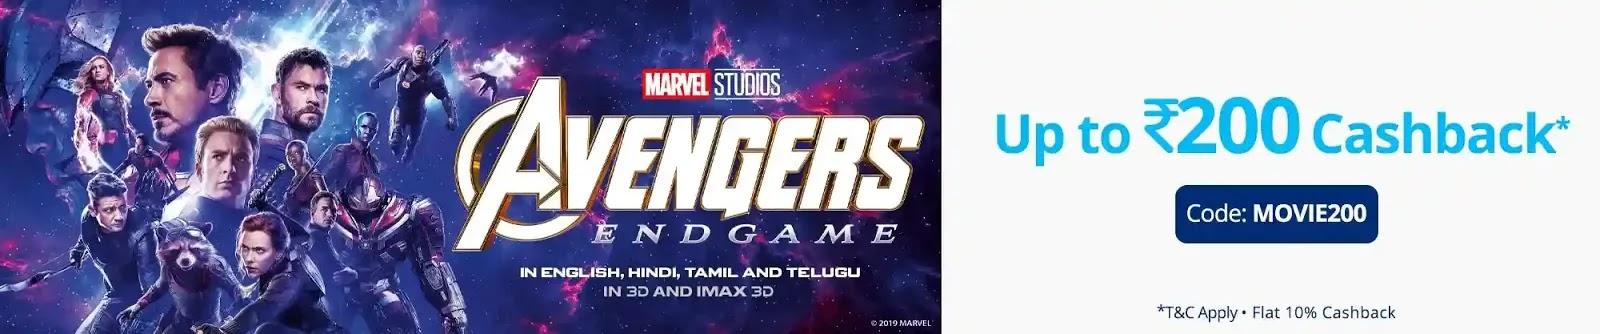 avengers endgame tickets paytm